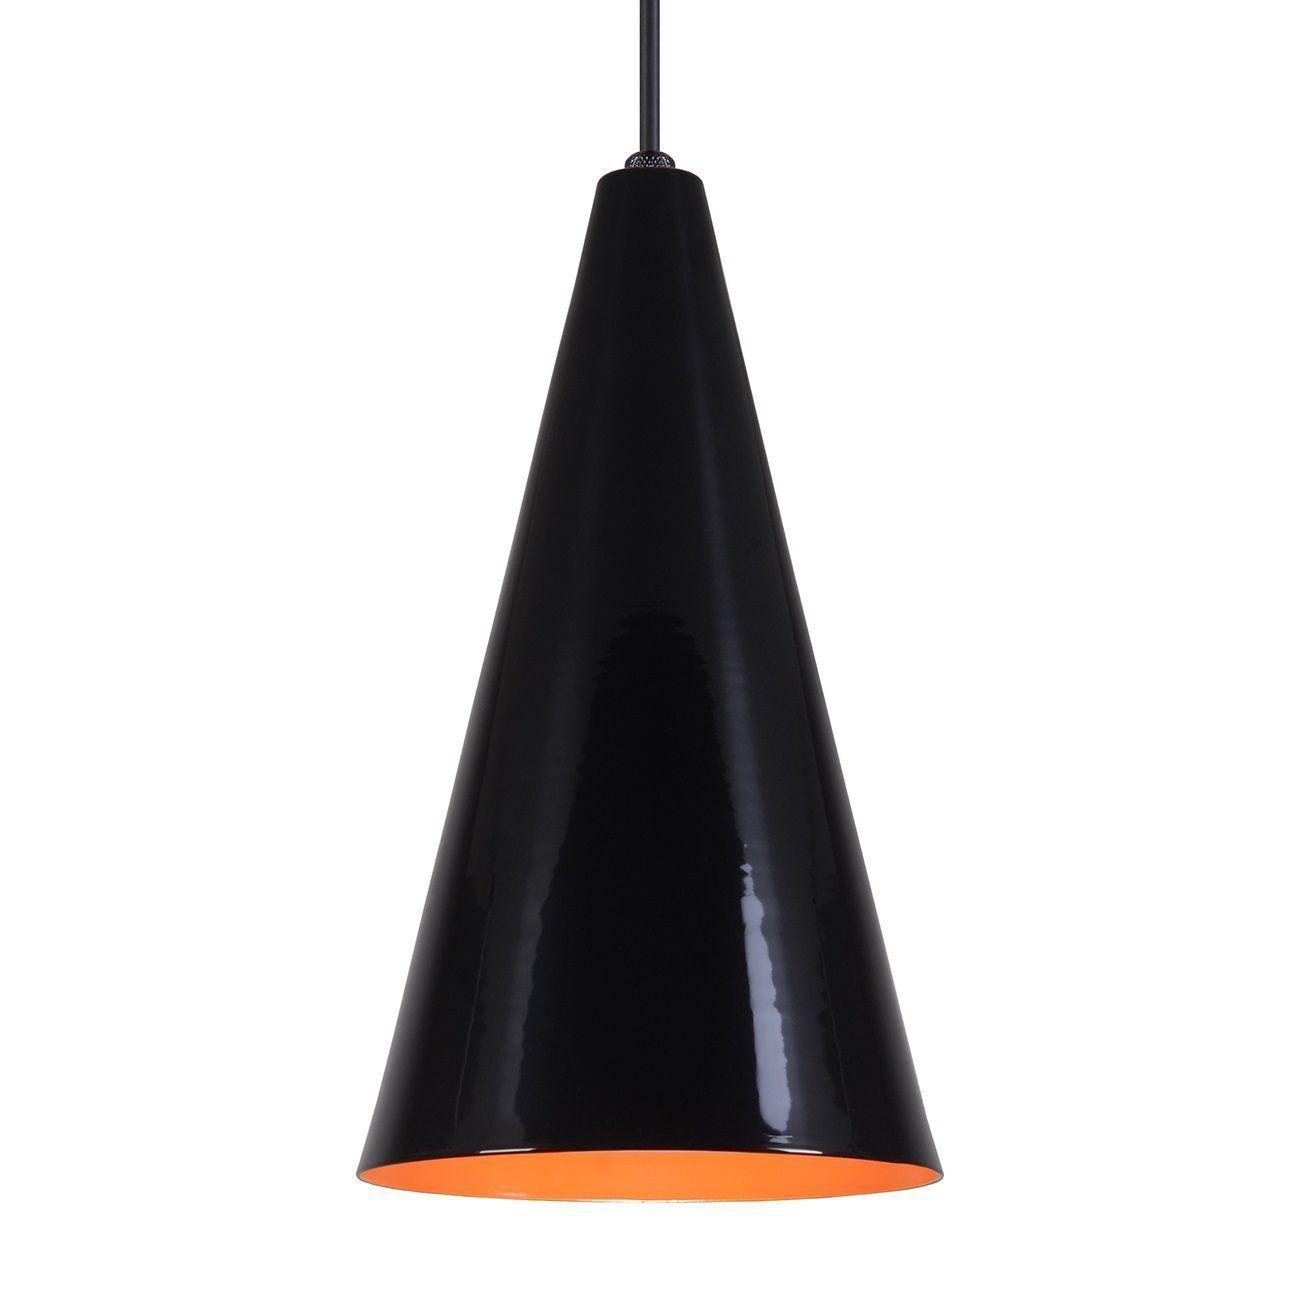 Pendente Cone Luminária Lustre Alumínio Preto Brilhante C/ Laranja - Rei Da Iluminação